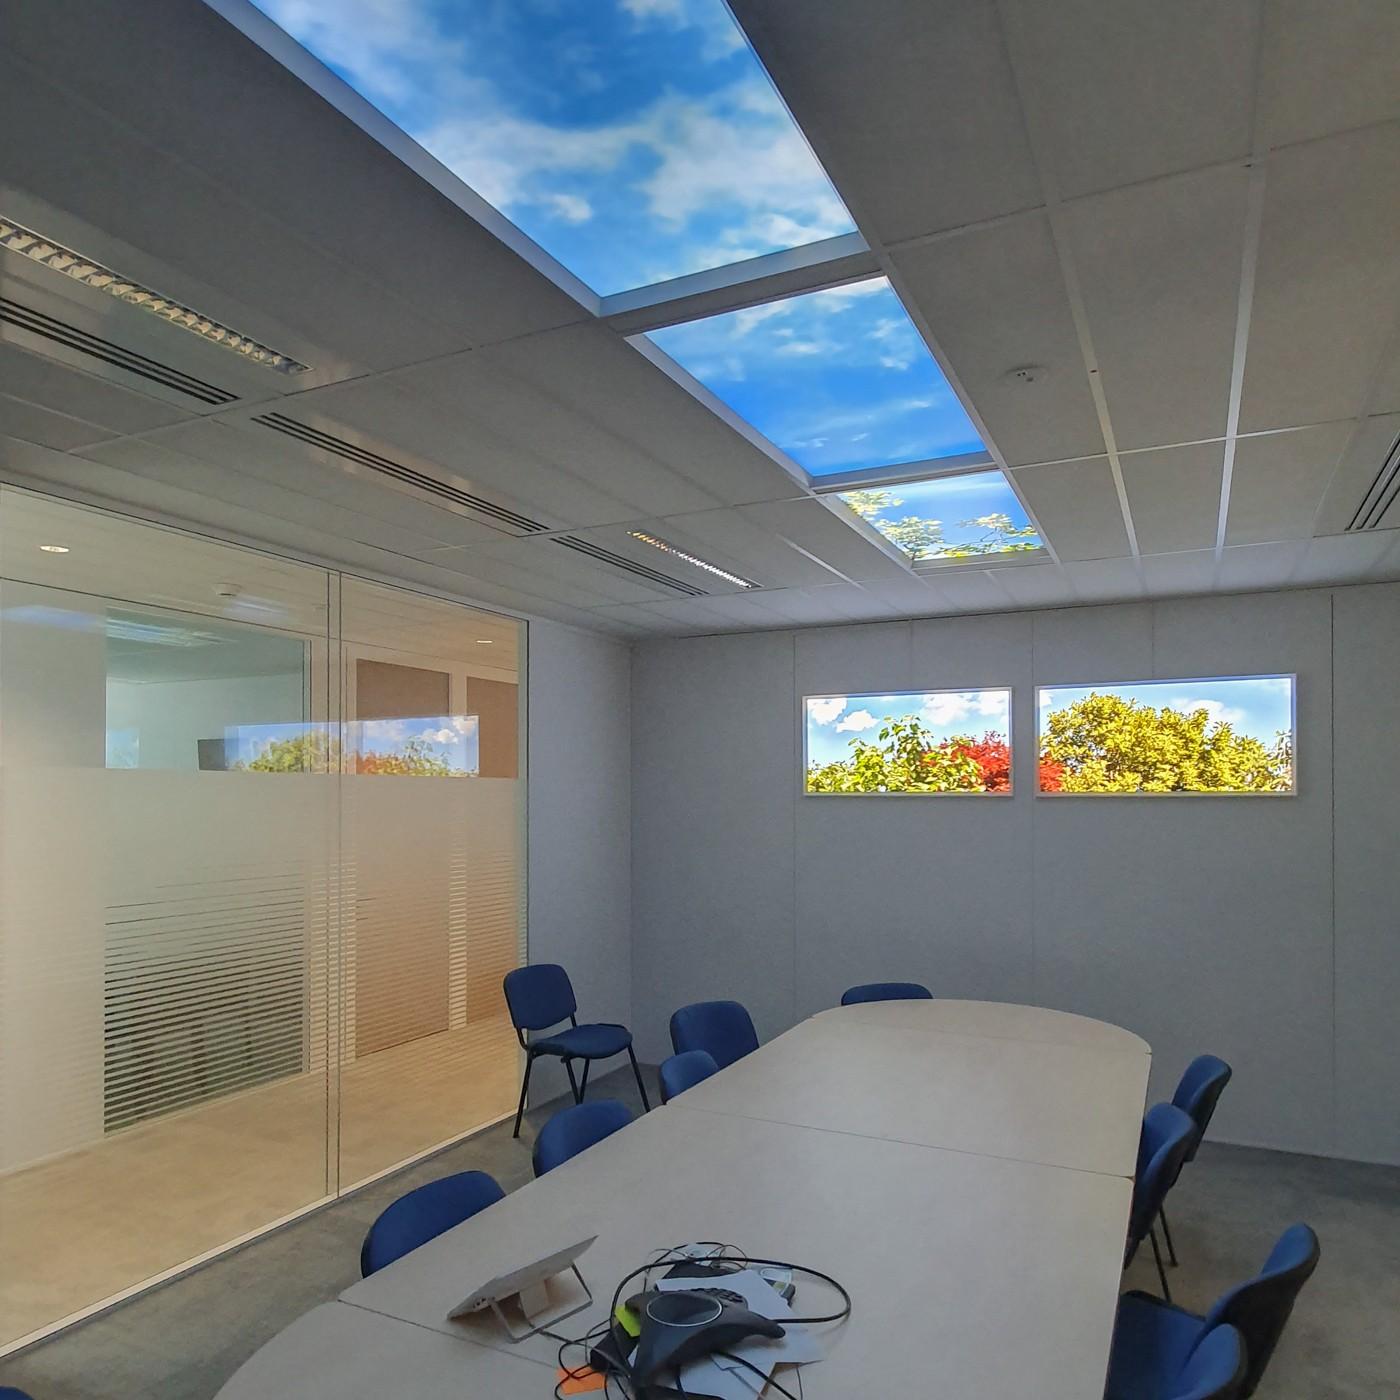 faux plafond lumineux pour salle de réunion